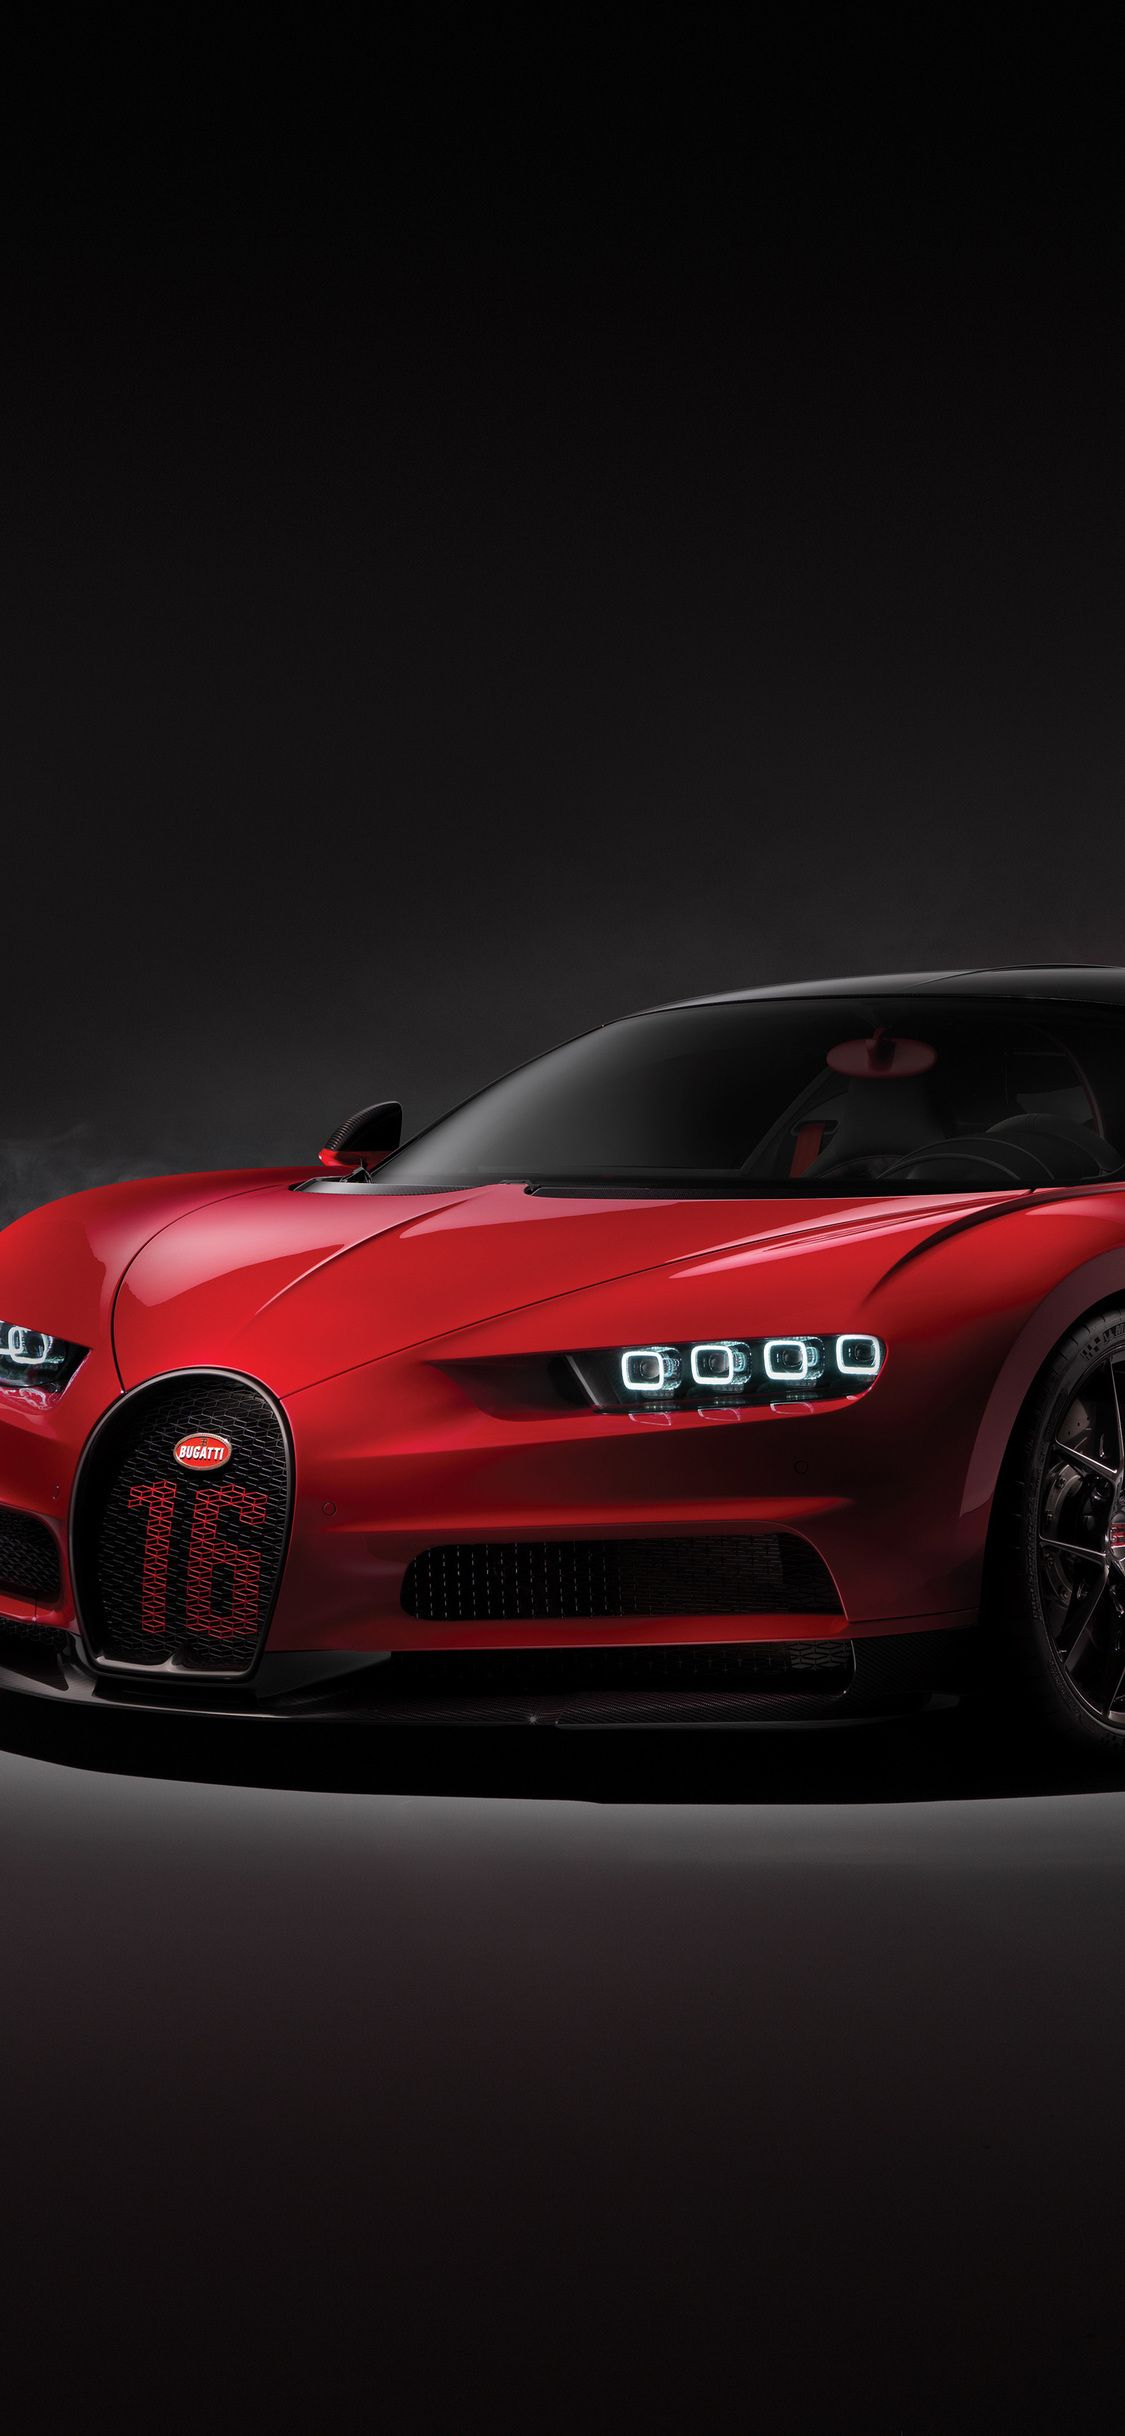 Bugatti Iphone Wallpapers Top Free Bugatti Iphone